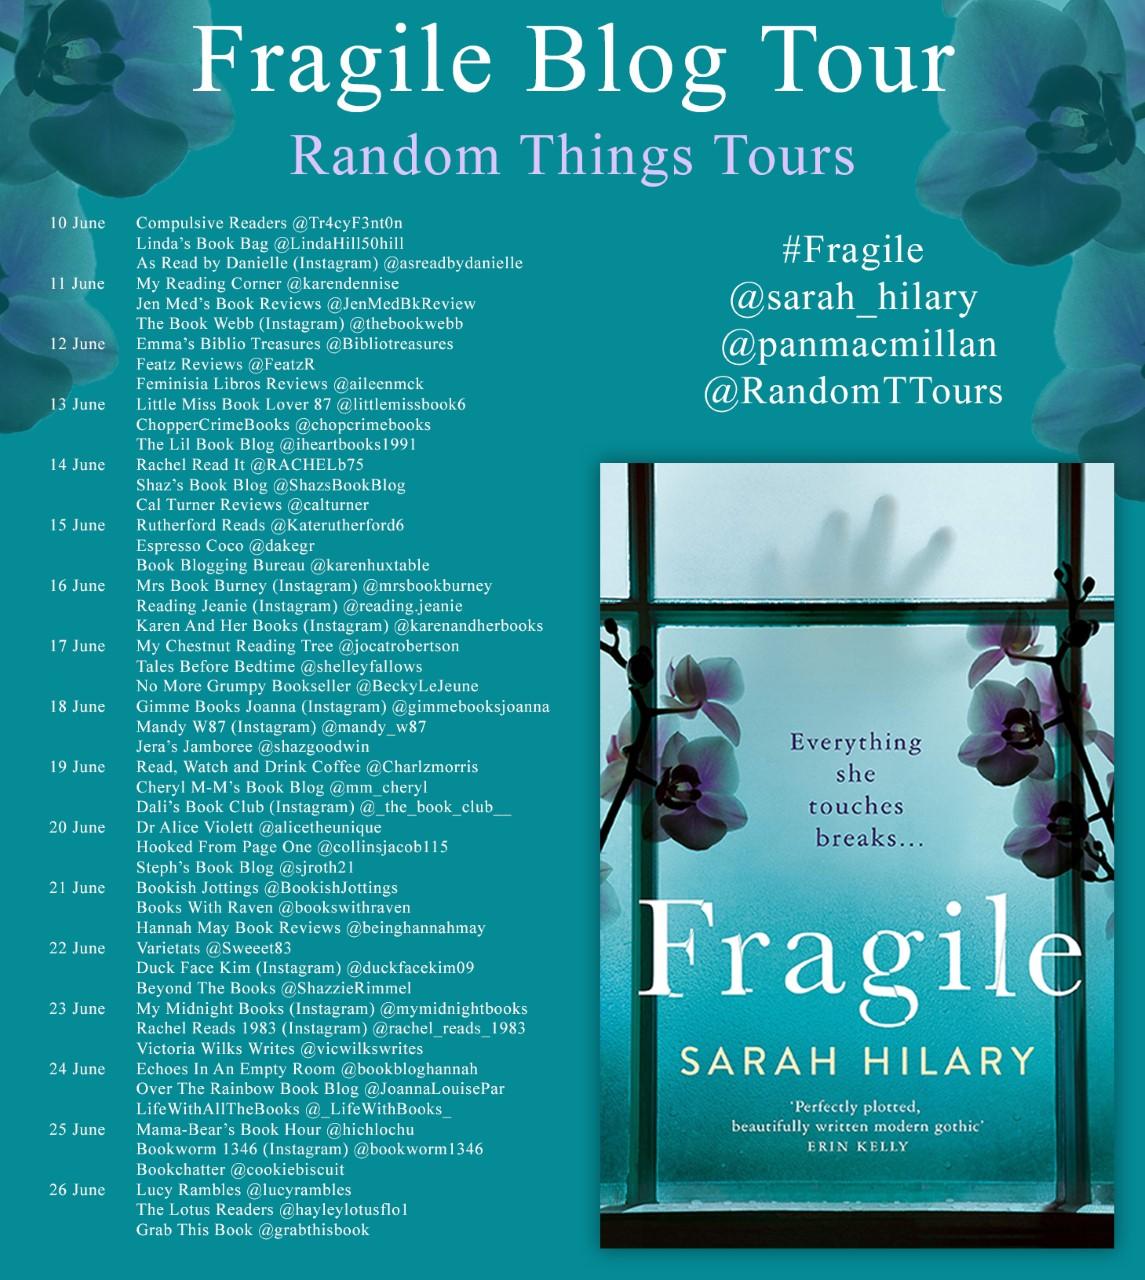 Fragile BT Poster